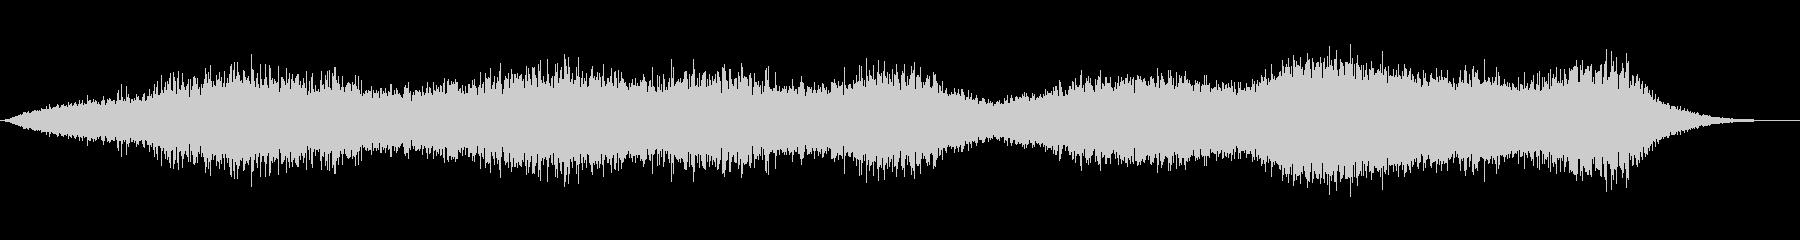 異次元エネルギーリングの未再生の波形